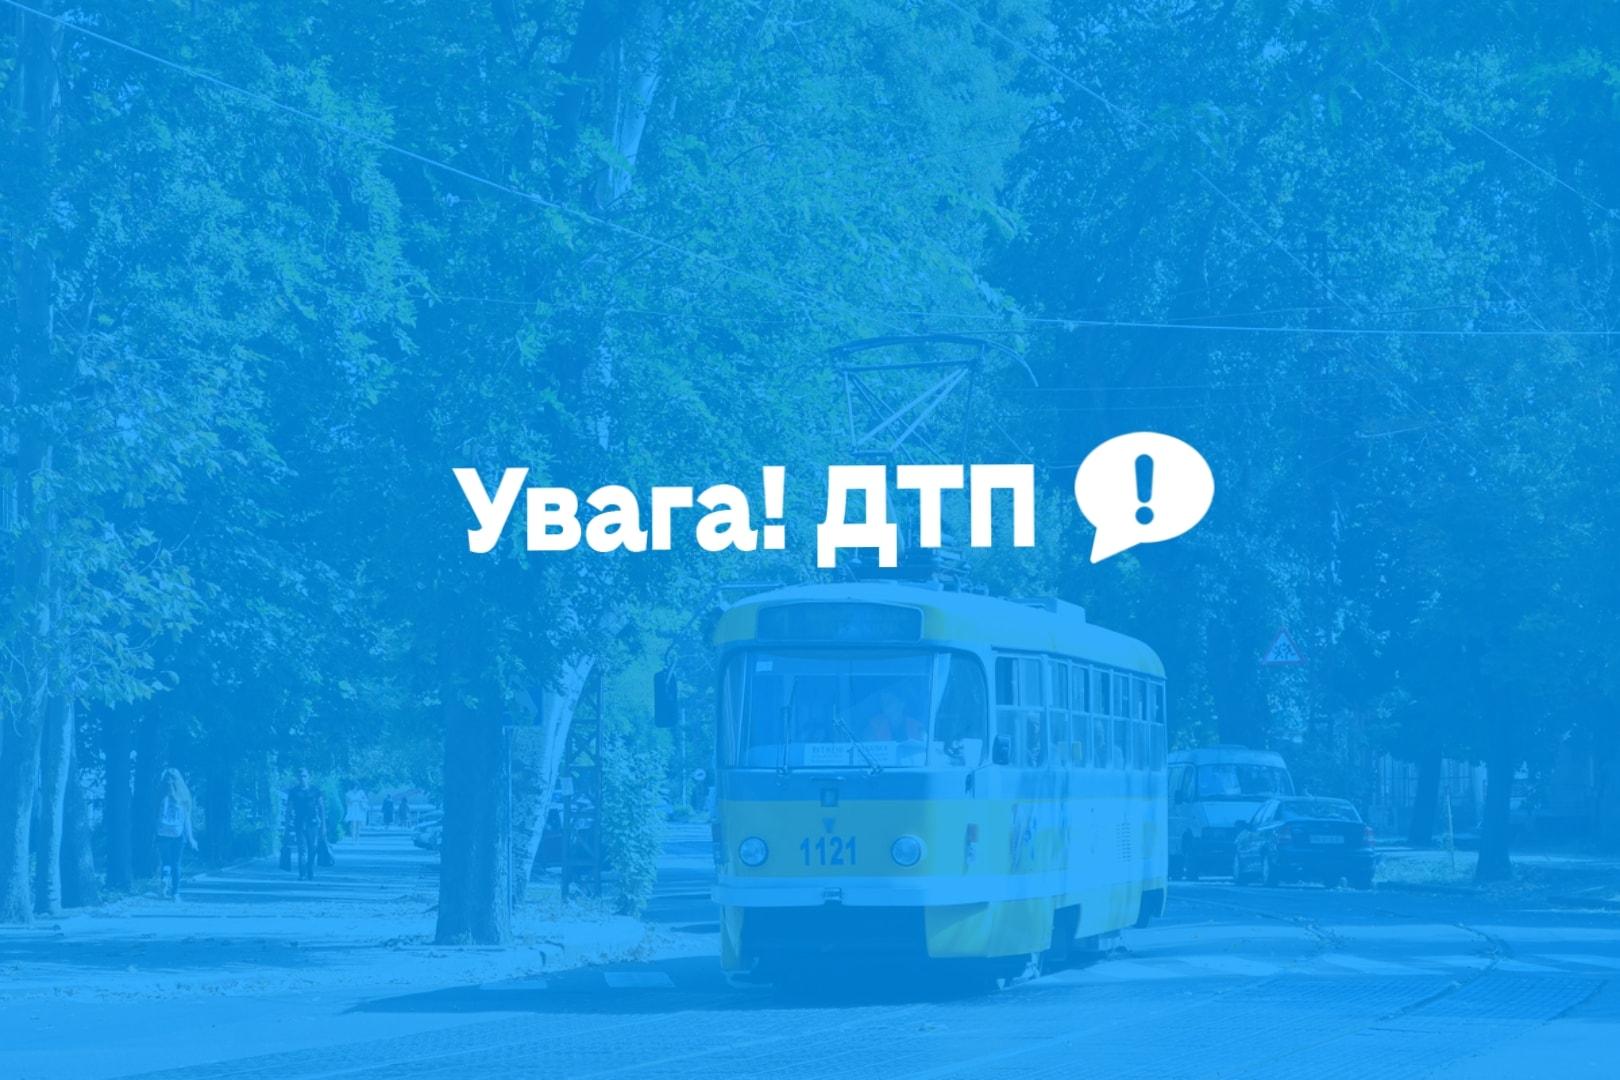 В Николаеве из-за ДТП заблокировано движение трамваев на Центральный рынок (ФОТО) 9